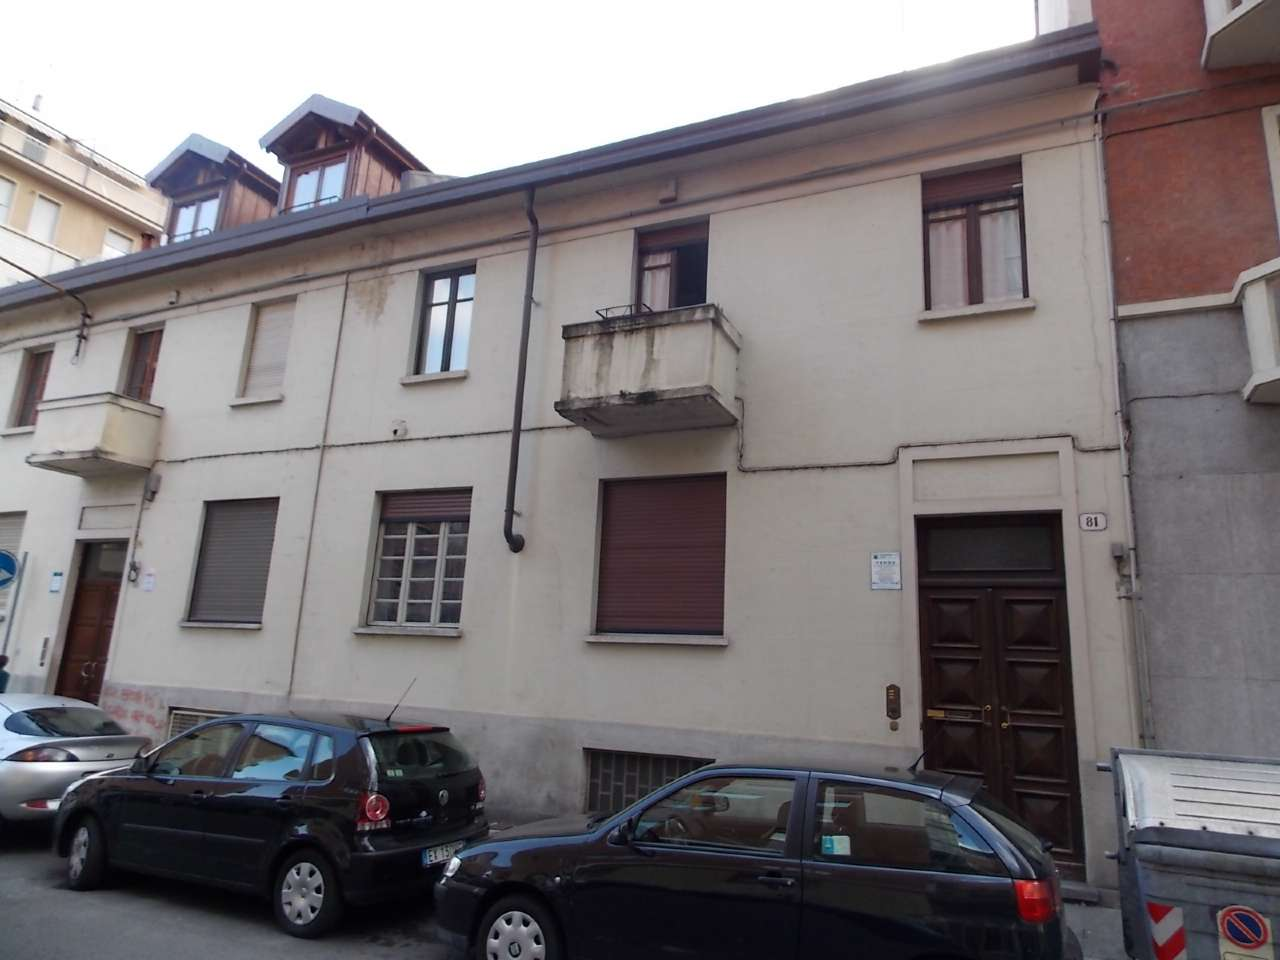 Appartamento in vendita Zona Cit Turin, San Donato, Campidoglio - via Don Bosco Torino